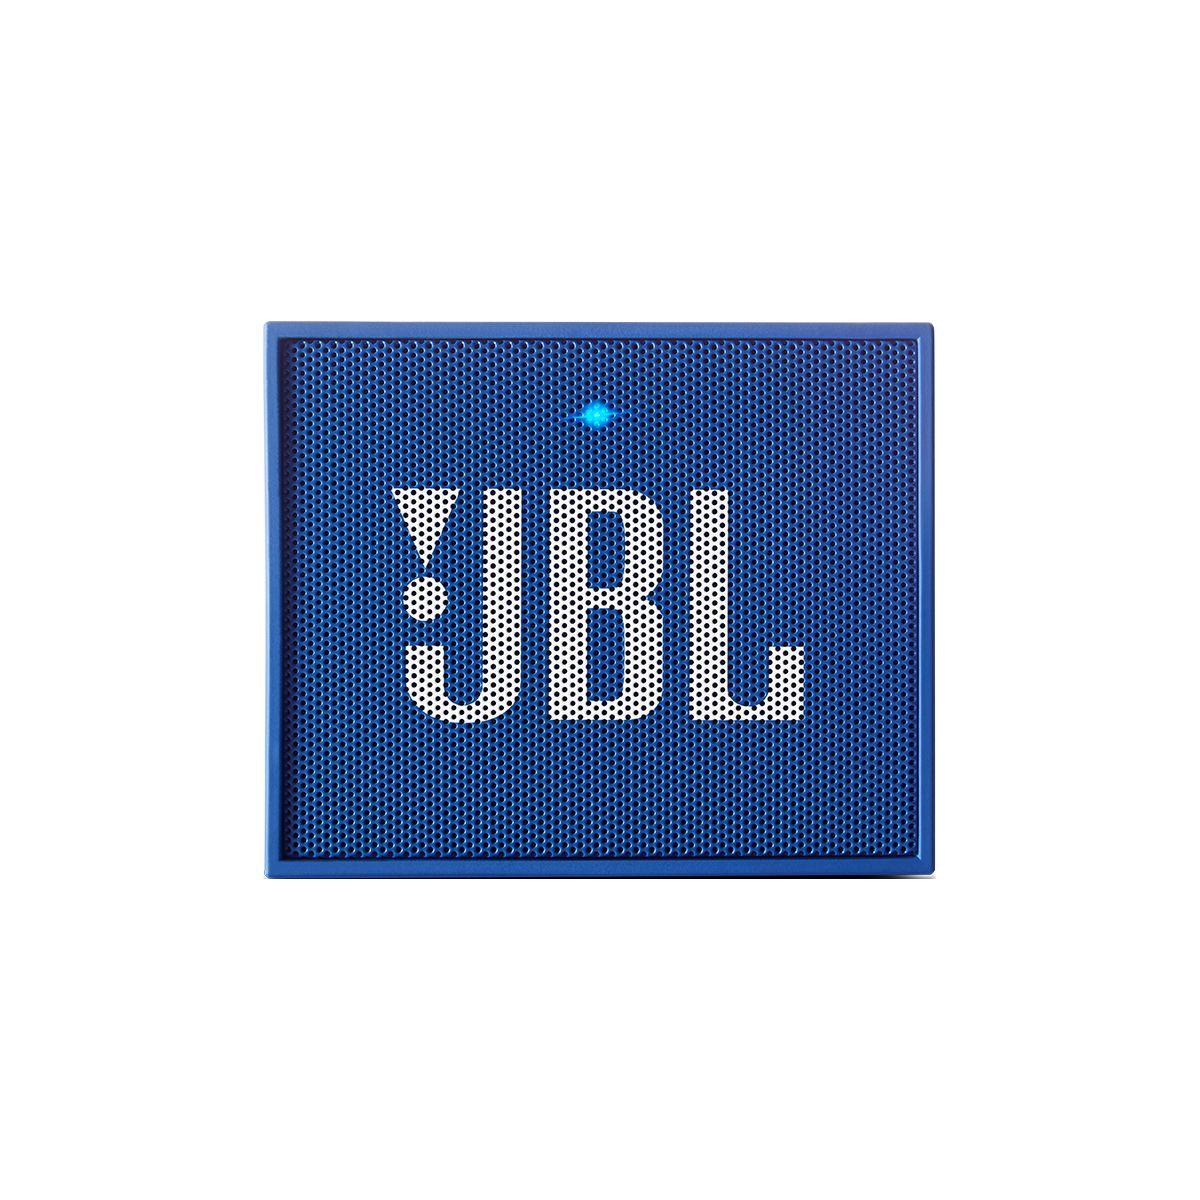 Enceinte nomade jbl go bleu - livraison offerte : code liv (photo)